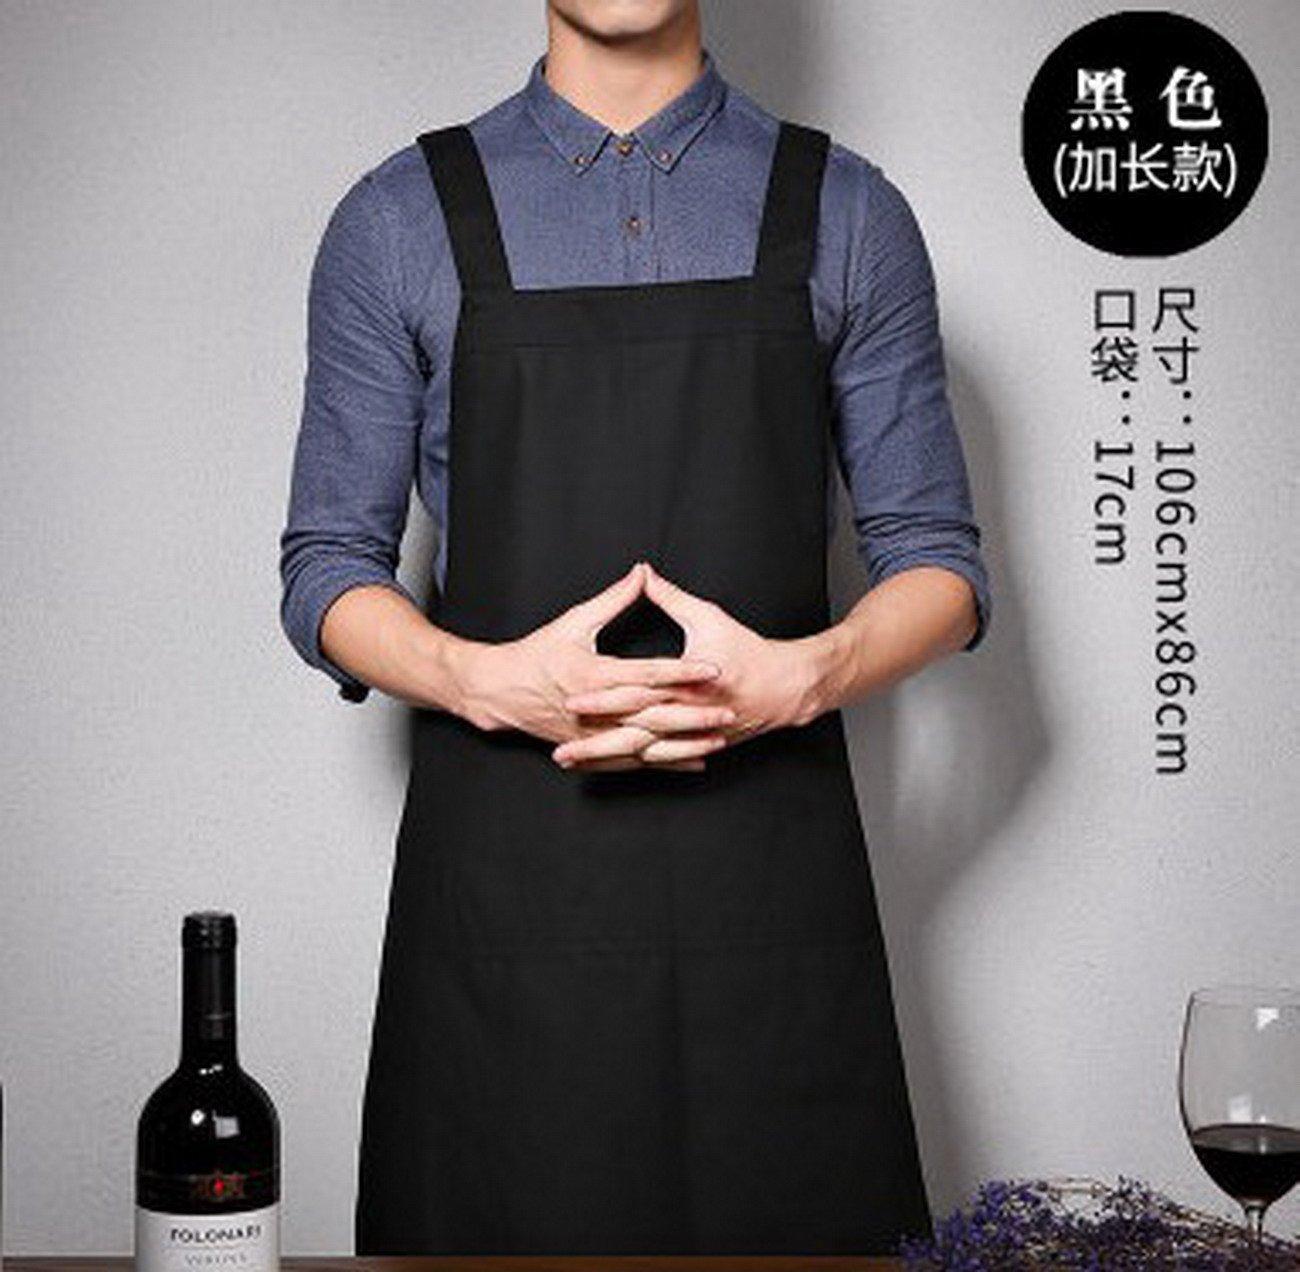 Geranjie韓国ファッションエプロンカフェミルクティーメンズ、レディース、キッチンコットンオーバーオール   B078RGJSMV